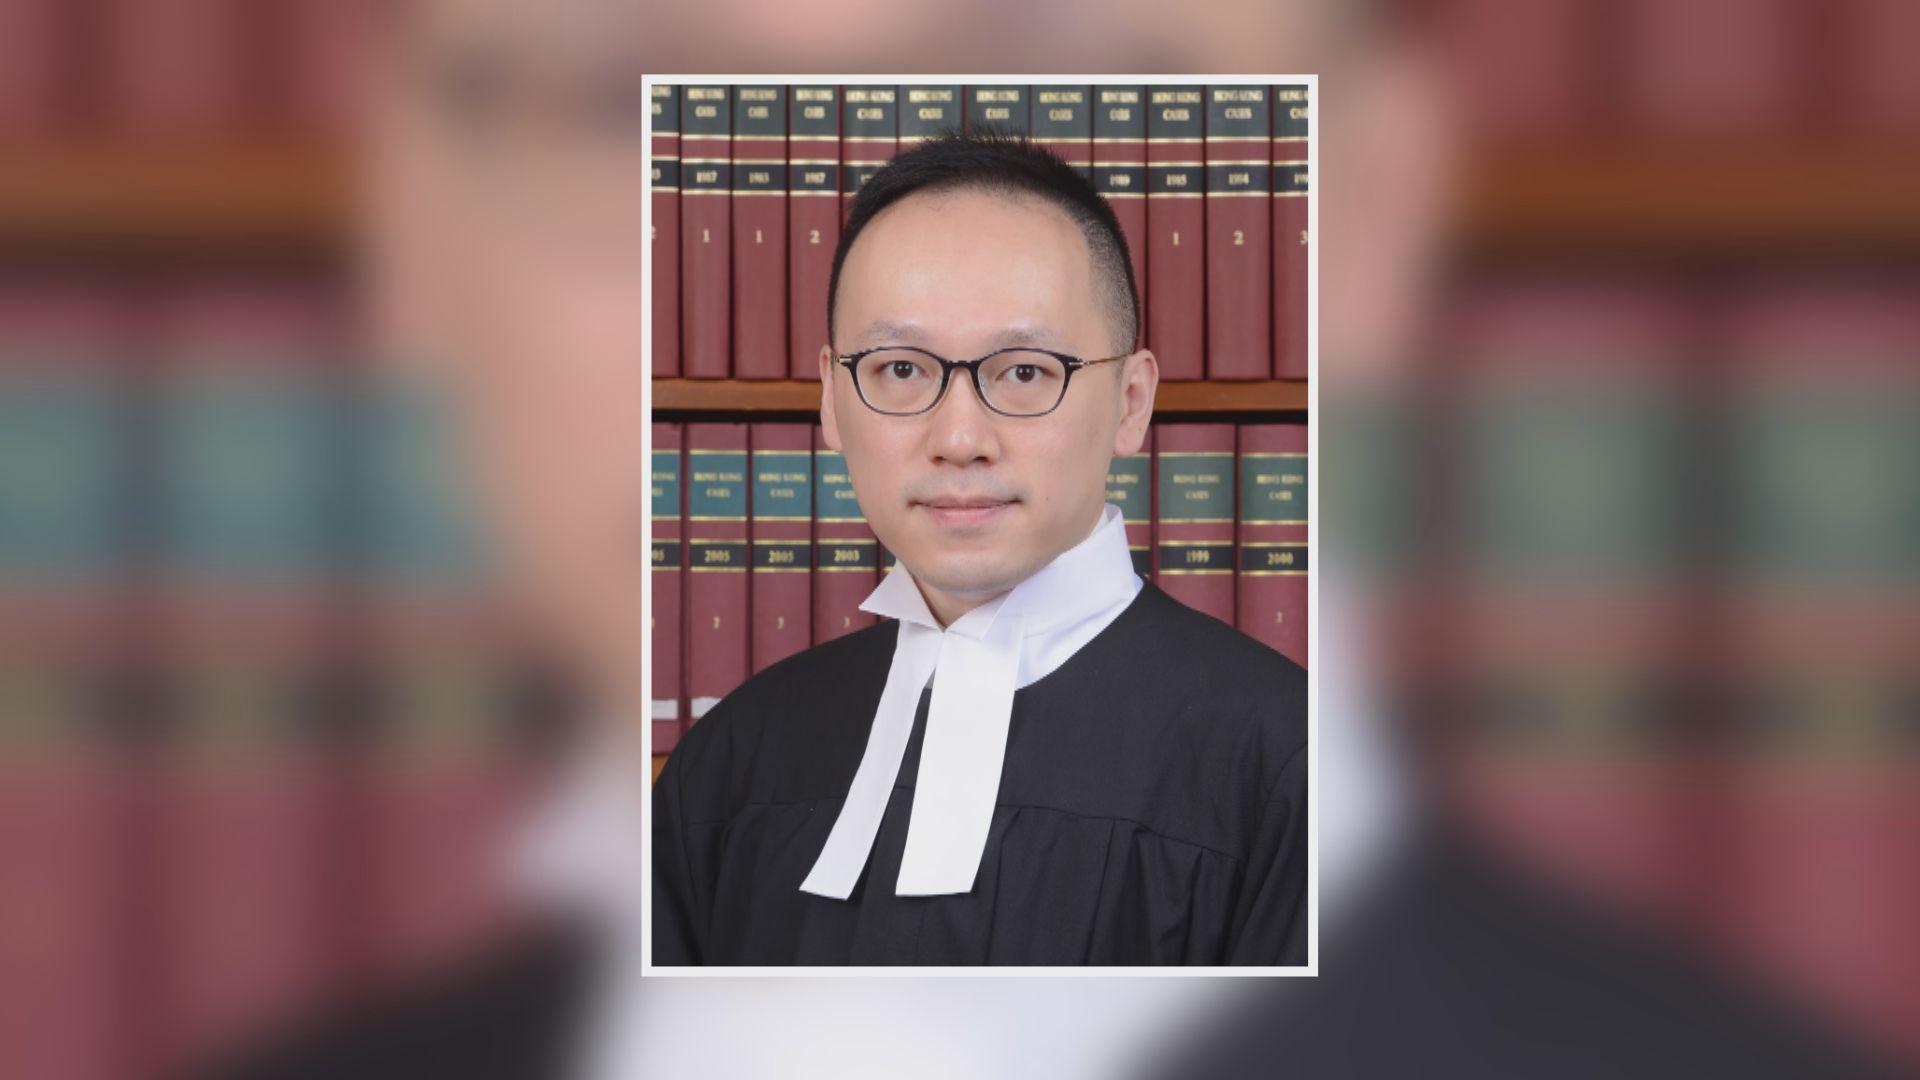 司法機構完成調查裁判官何俊堯六宗投訴 全部不成立